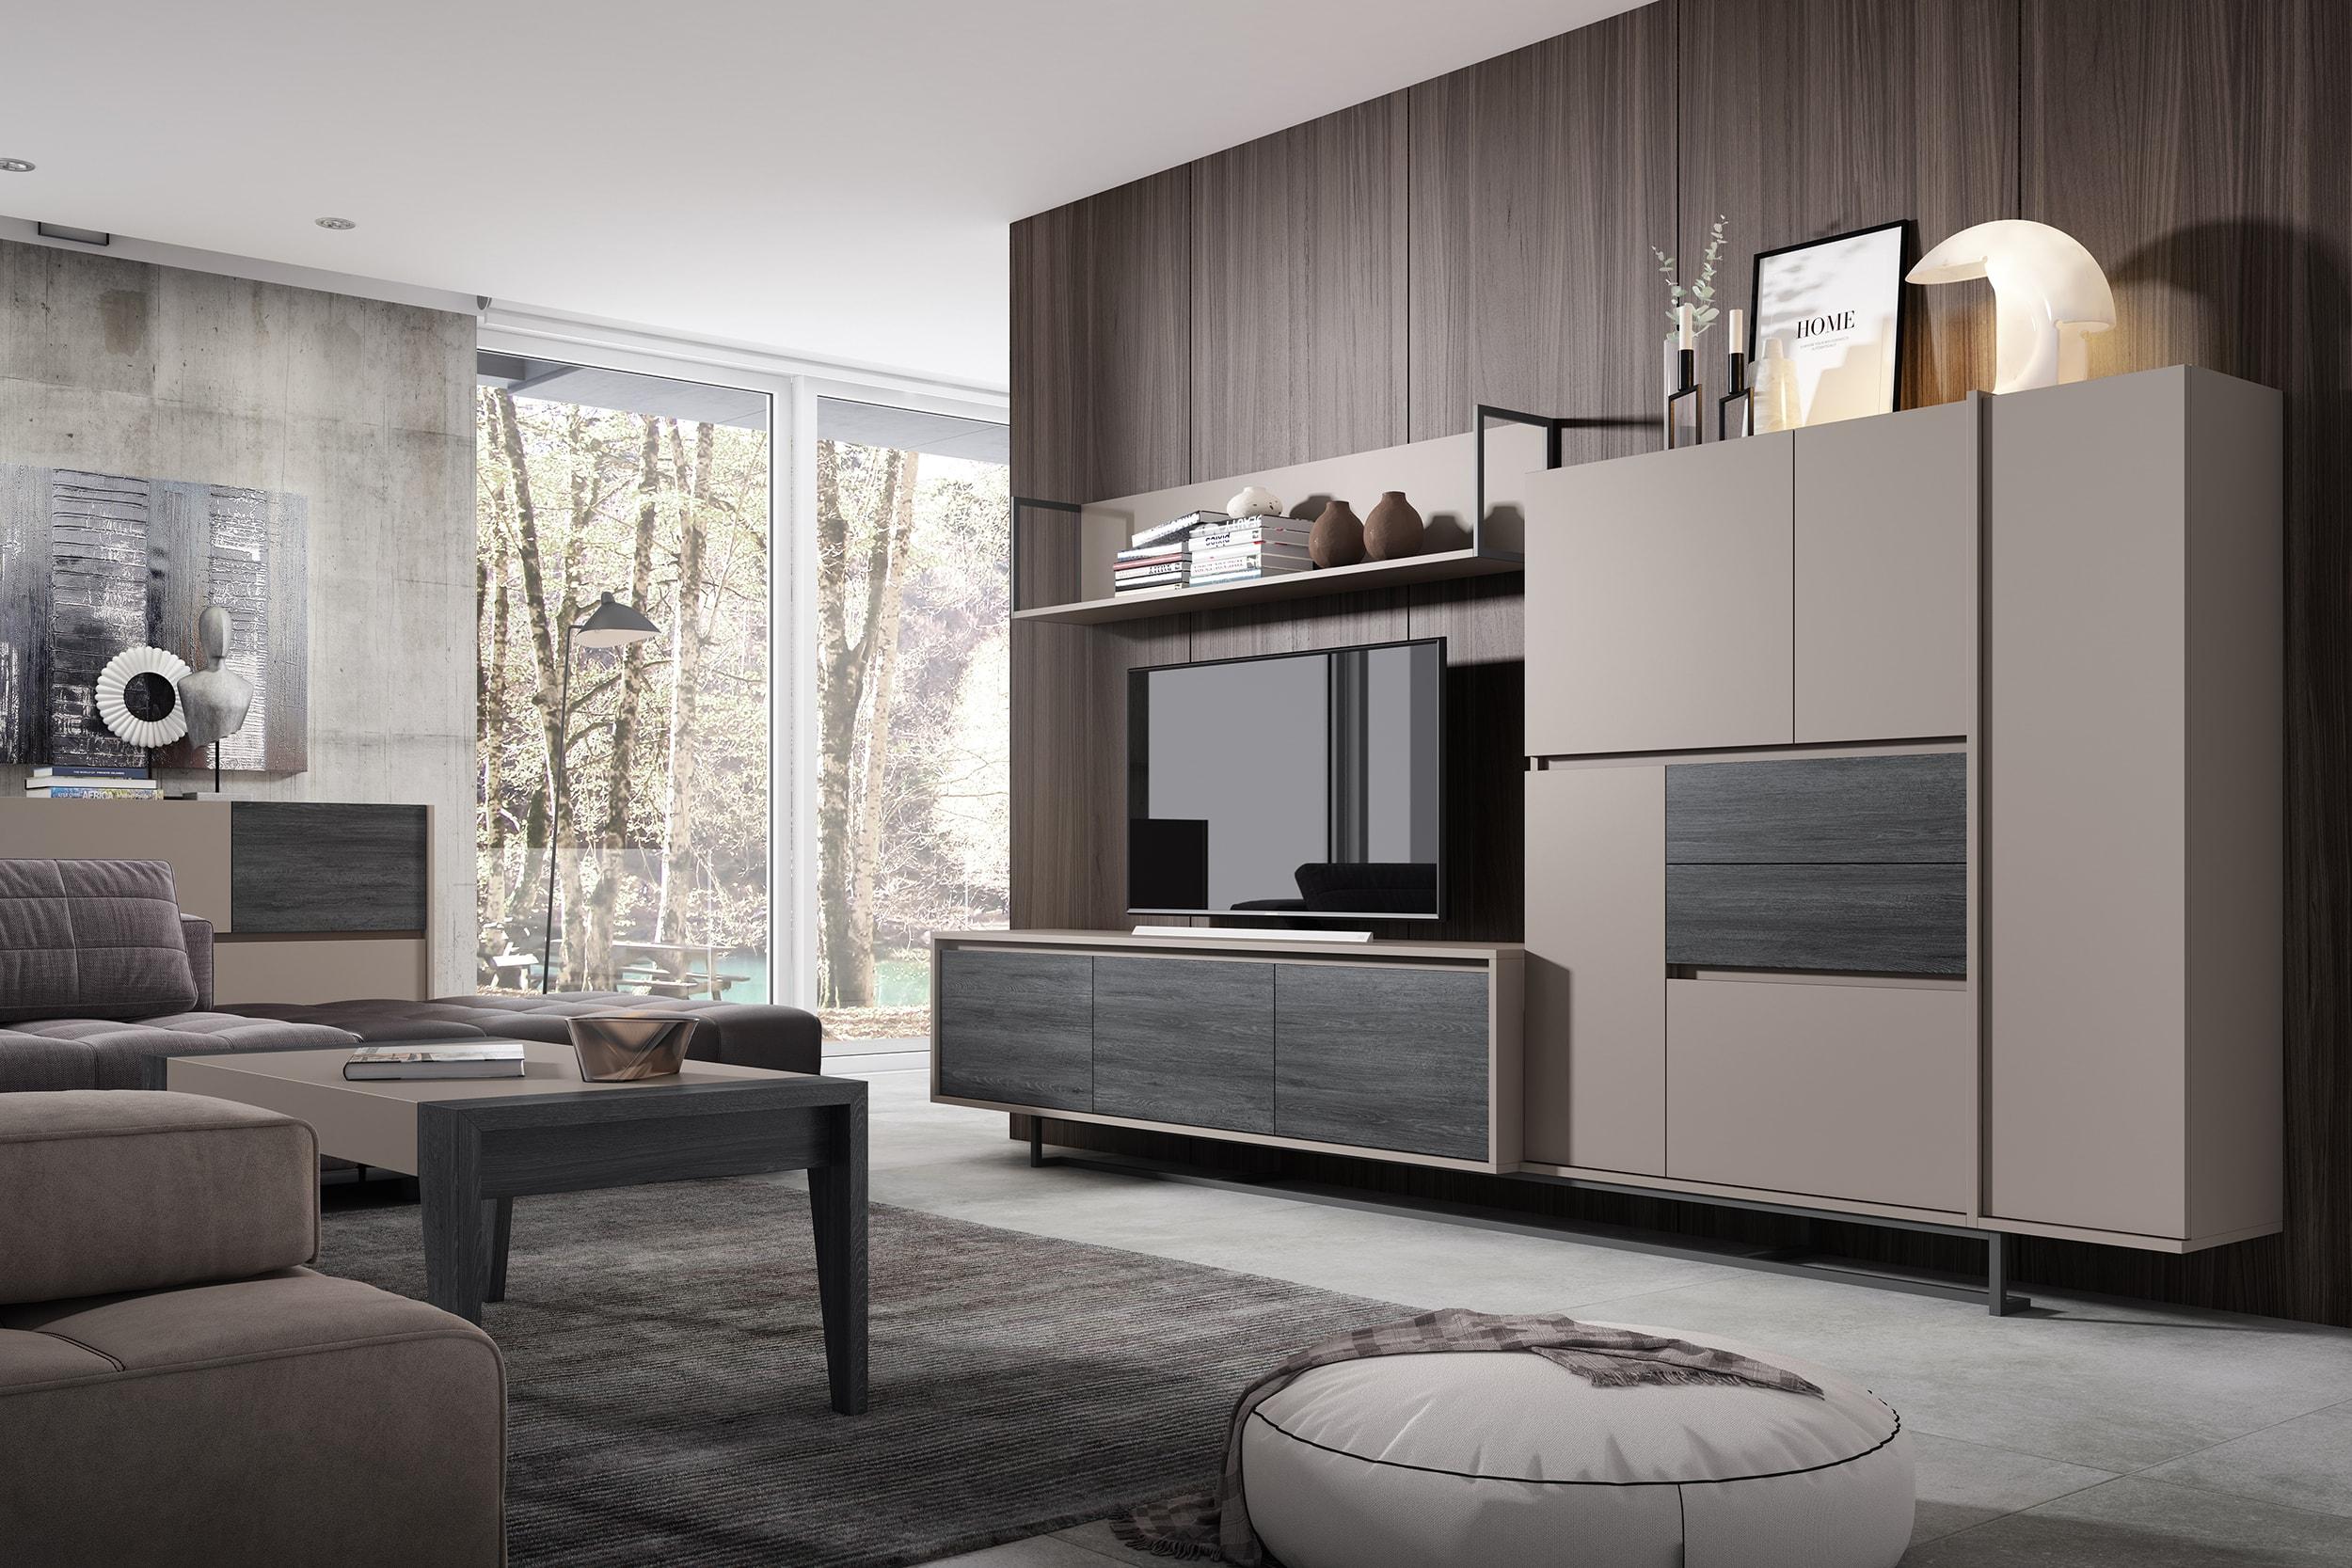 Composición modular de 310x144 cm, calidad de materiales y módulos muy funcionales. Utilidad ante todo.